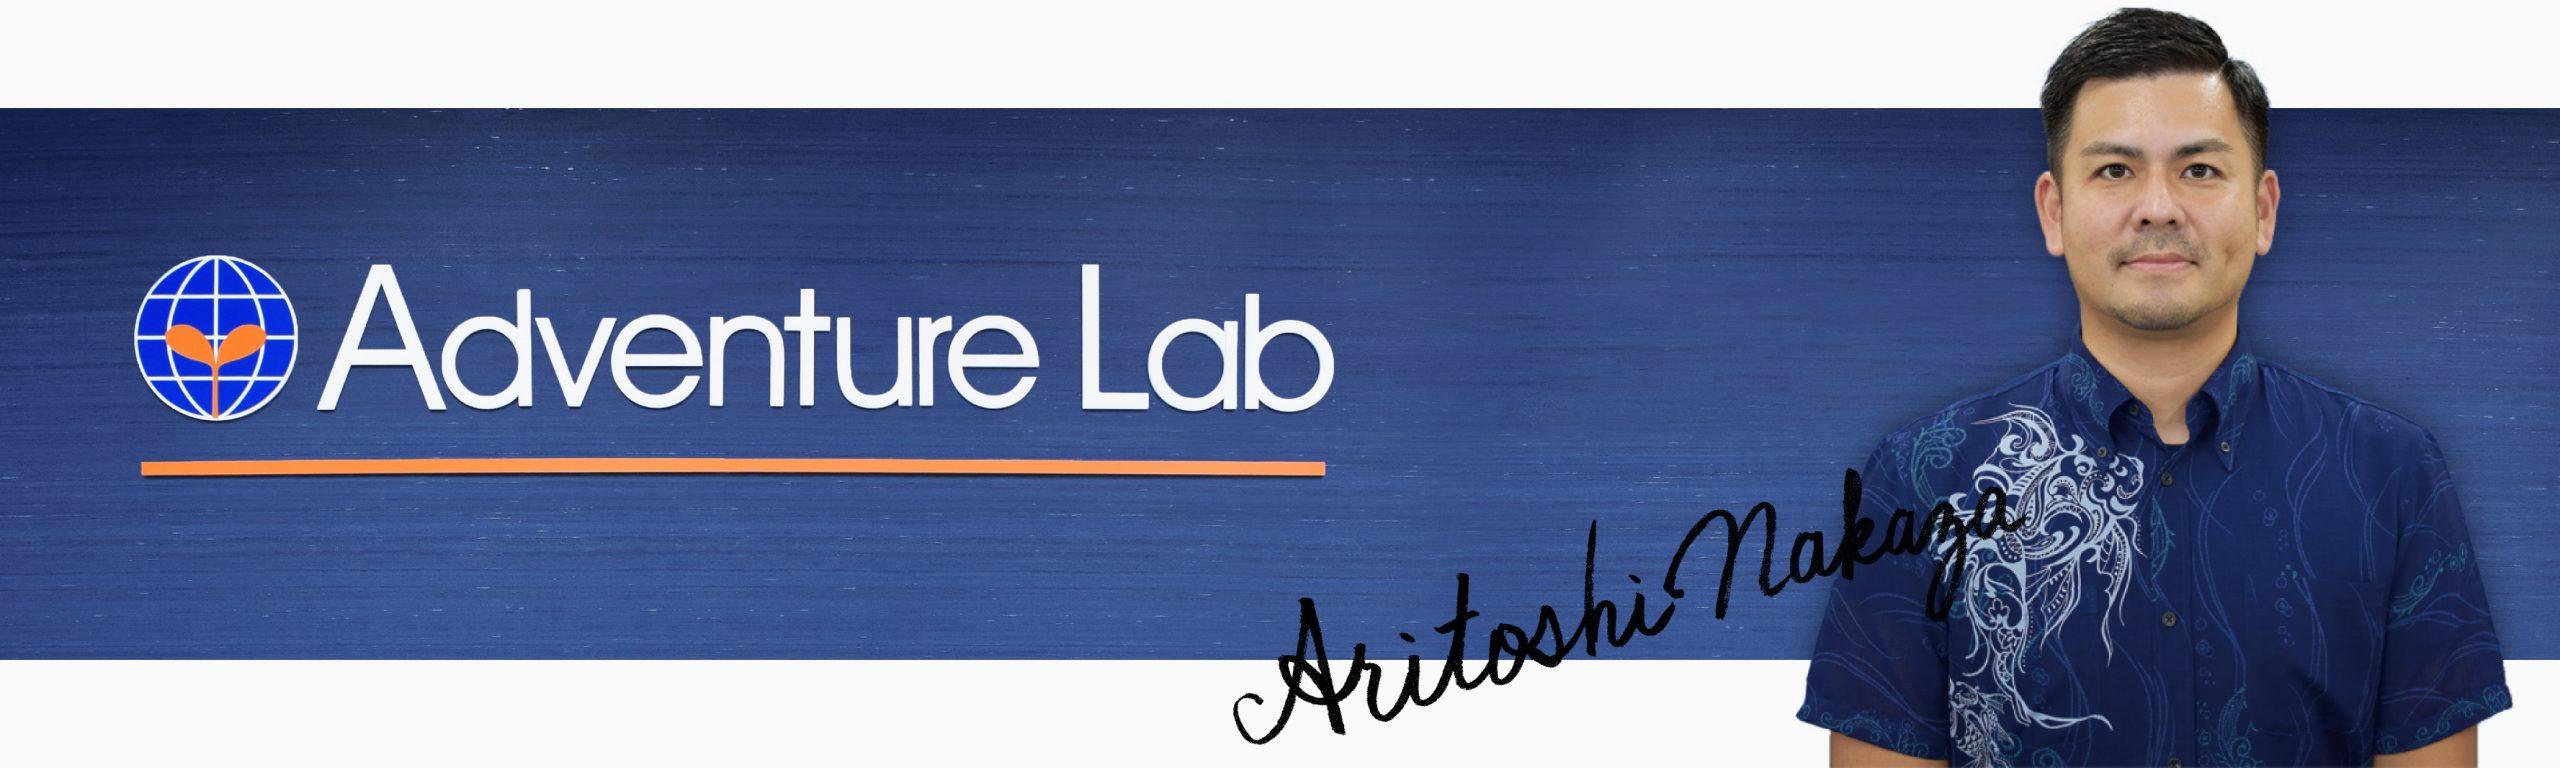 Adventure Lab 代表:仲座 阿吏俊